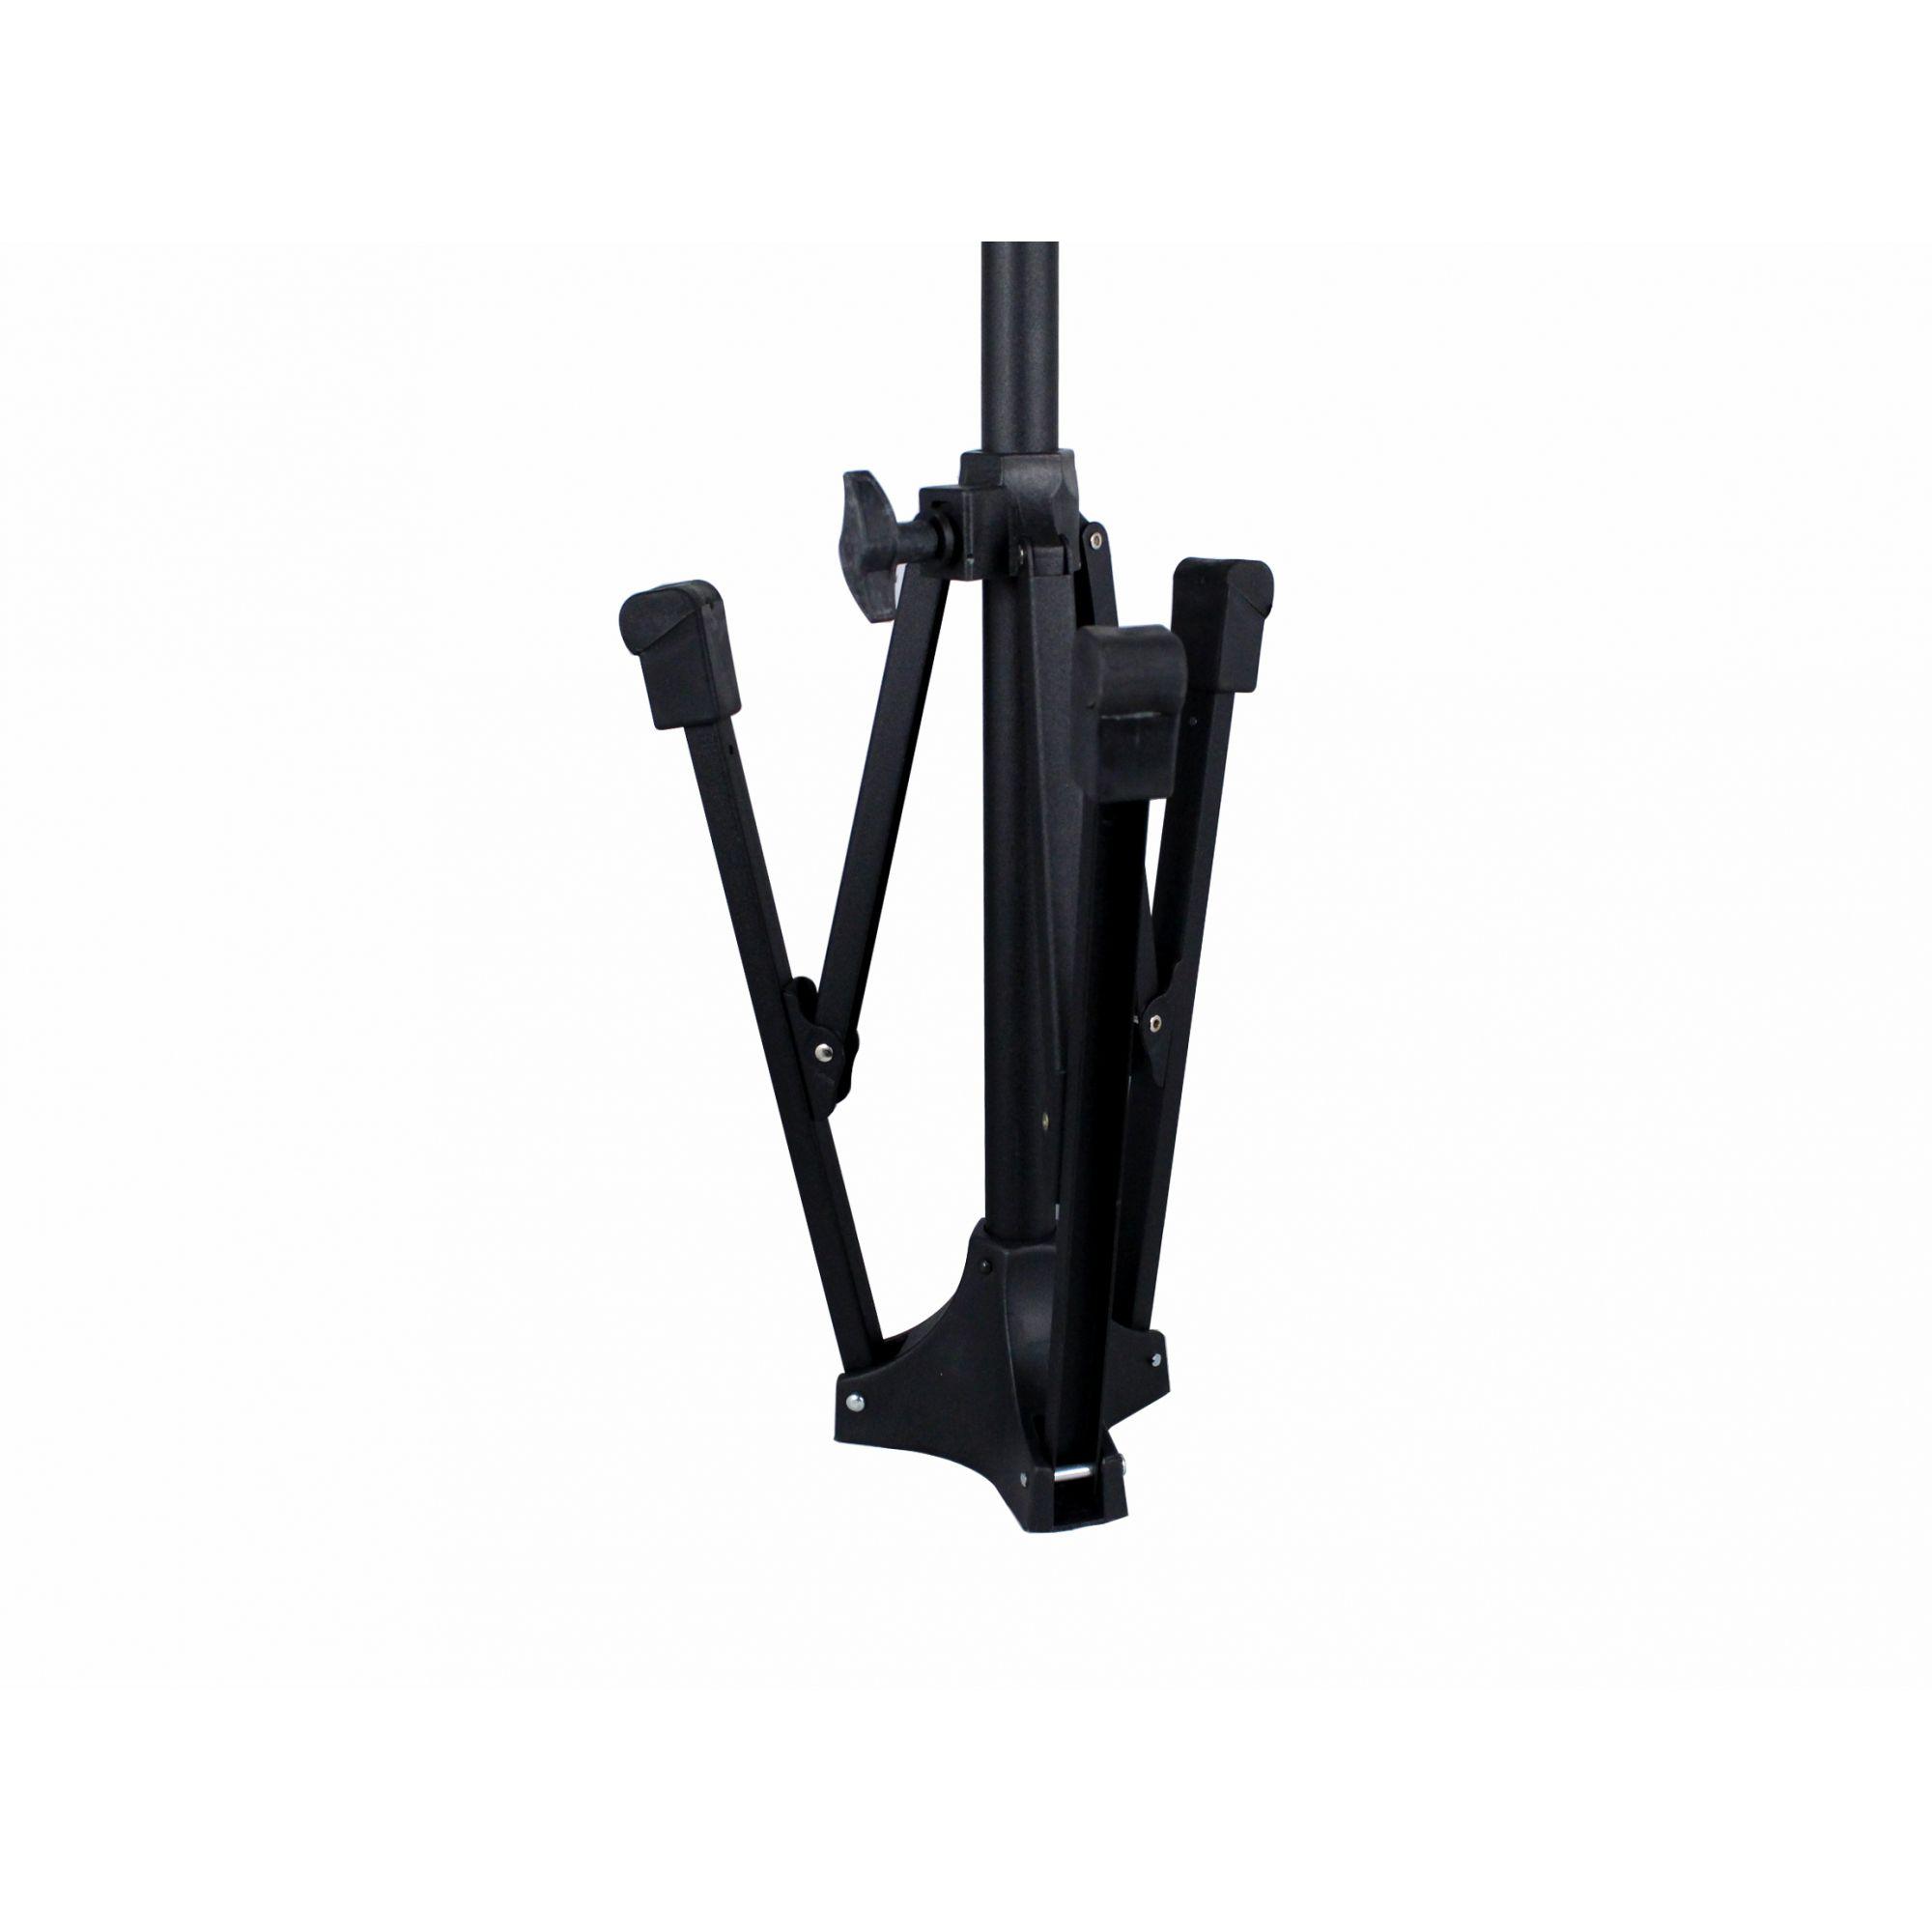 Pedestal para microfone com braço girafa e base articulada | Altura max 2 metros | RMV | PSU0090